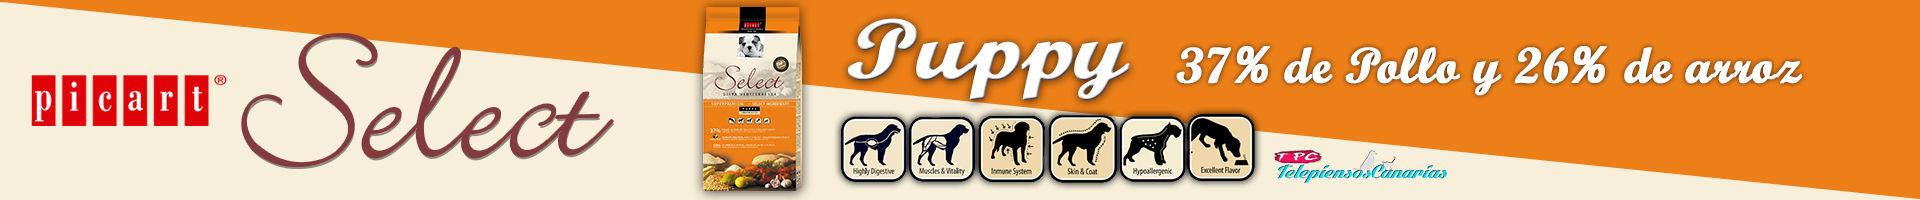 Select puppy, pienso para cachorros con 37% de pollo y 26% de arroz